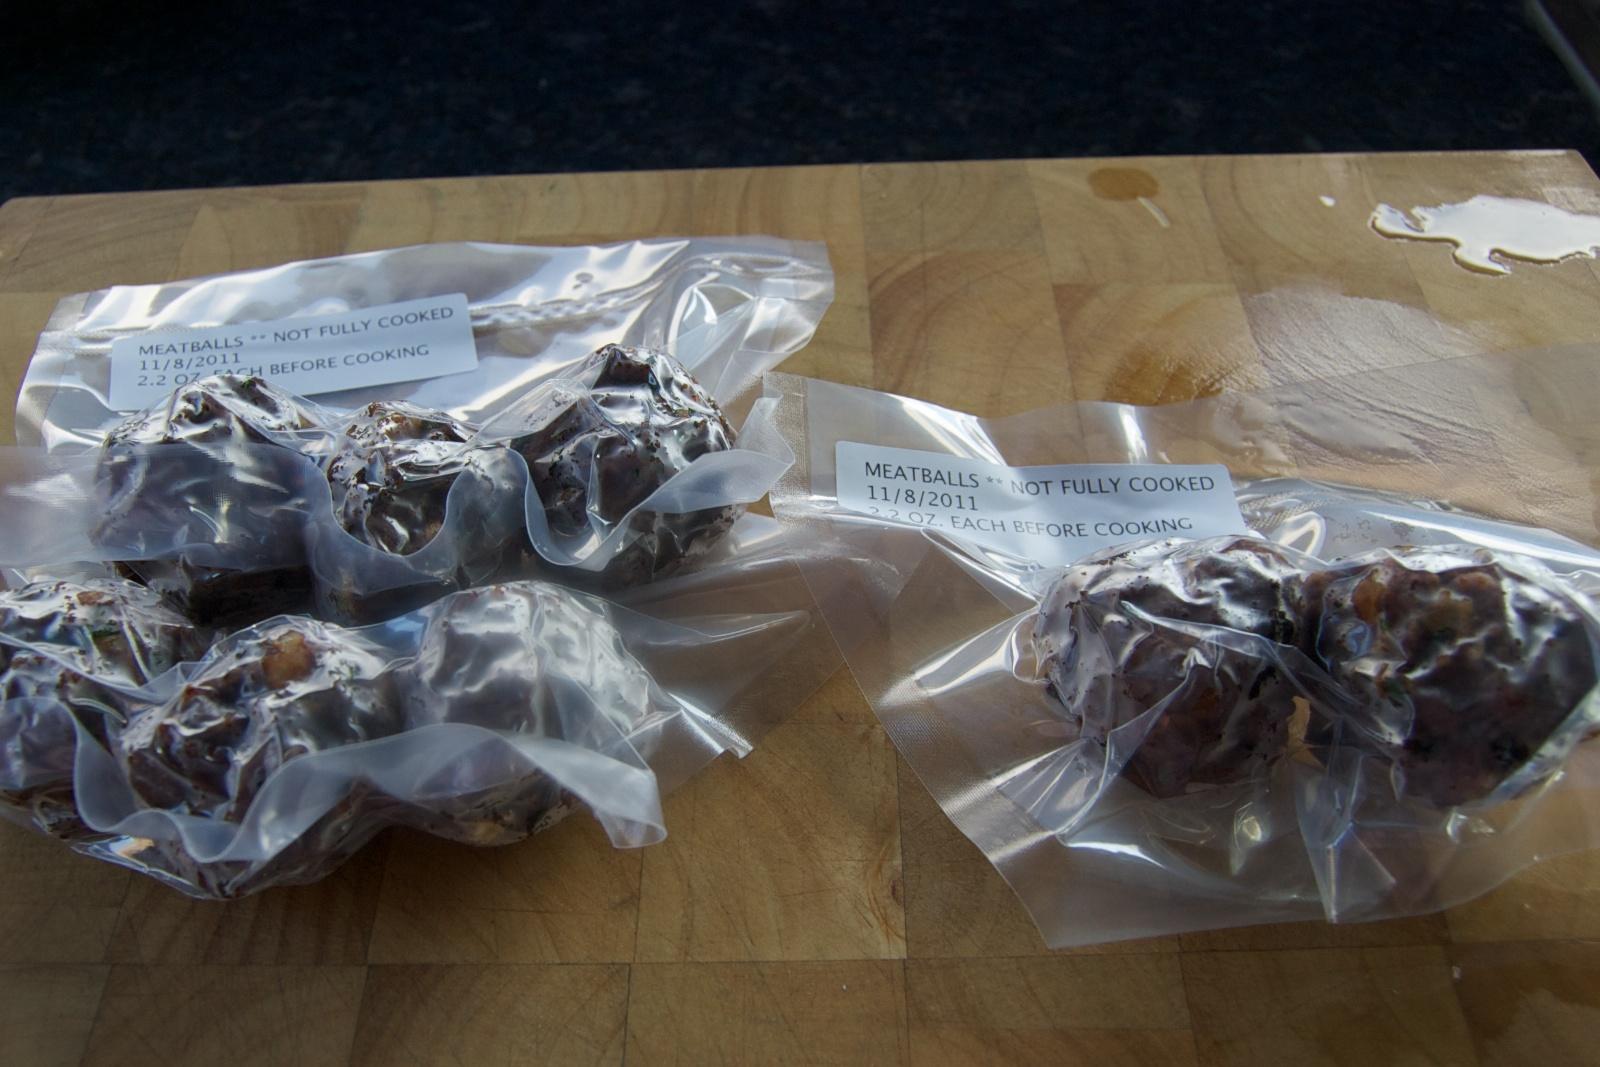 http://blog.rickk.com/food/2011/11/08/meatballs7.jpg